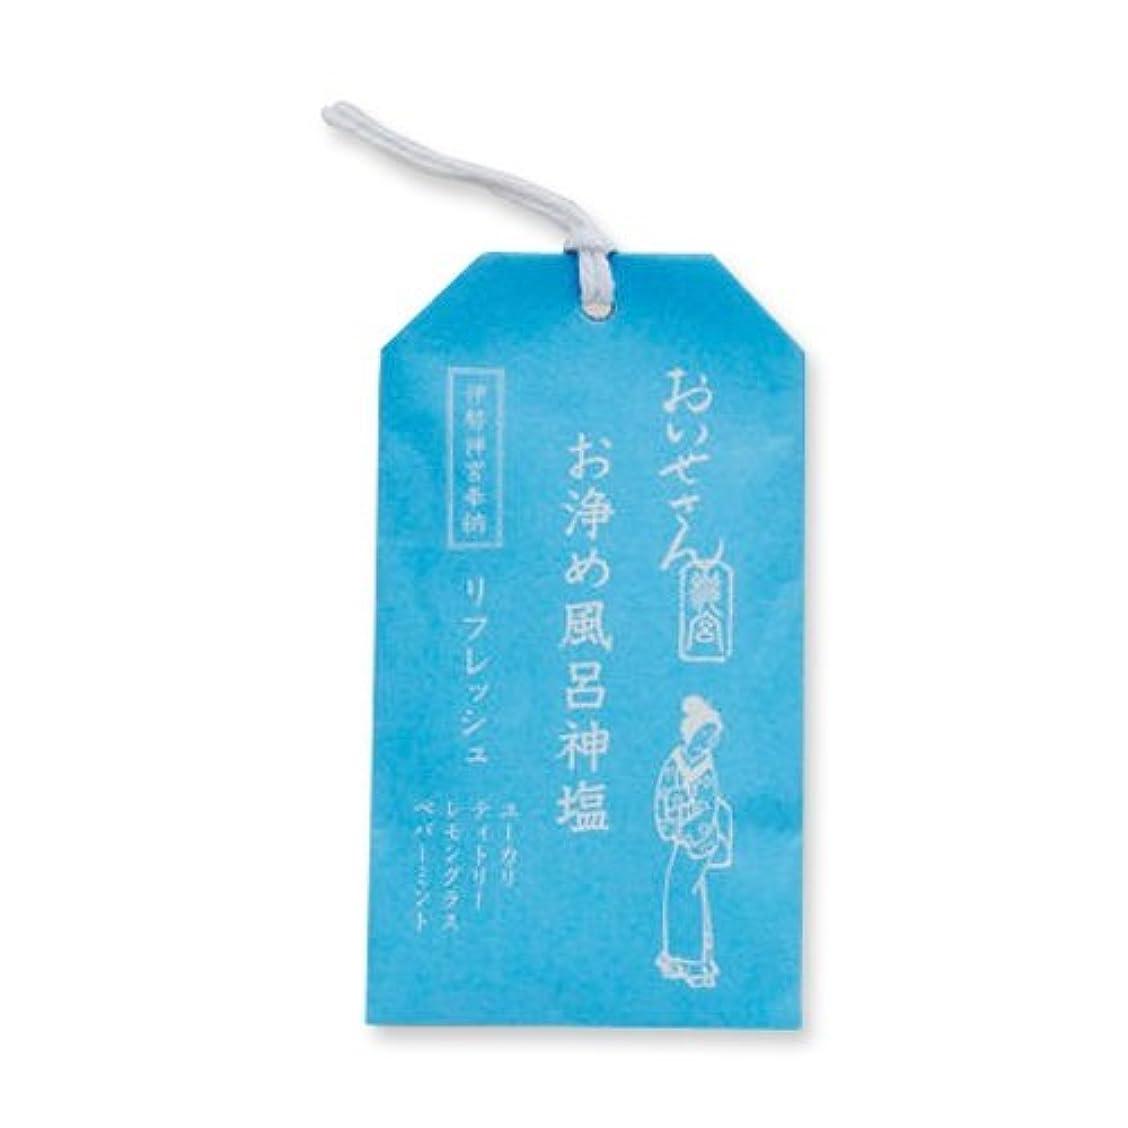 シャツ極小オーナーおいせさん お浄め風呂神塩 バス用ソルト(リフレッシュ) 20g